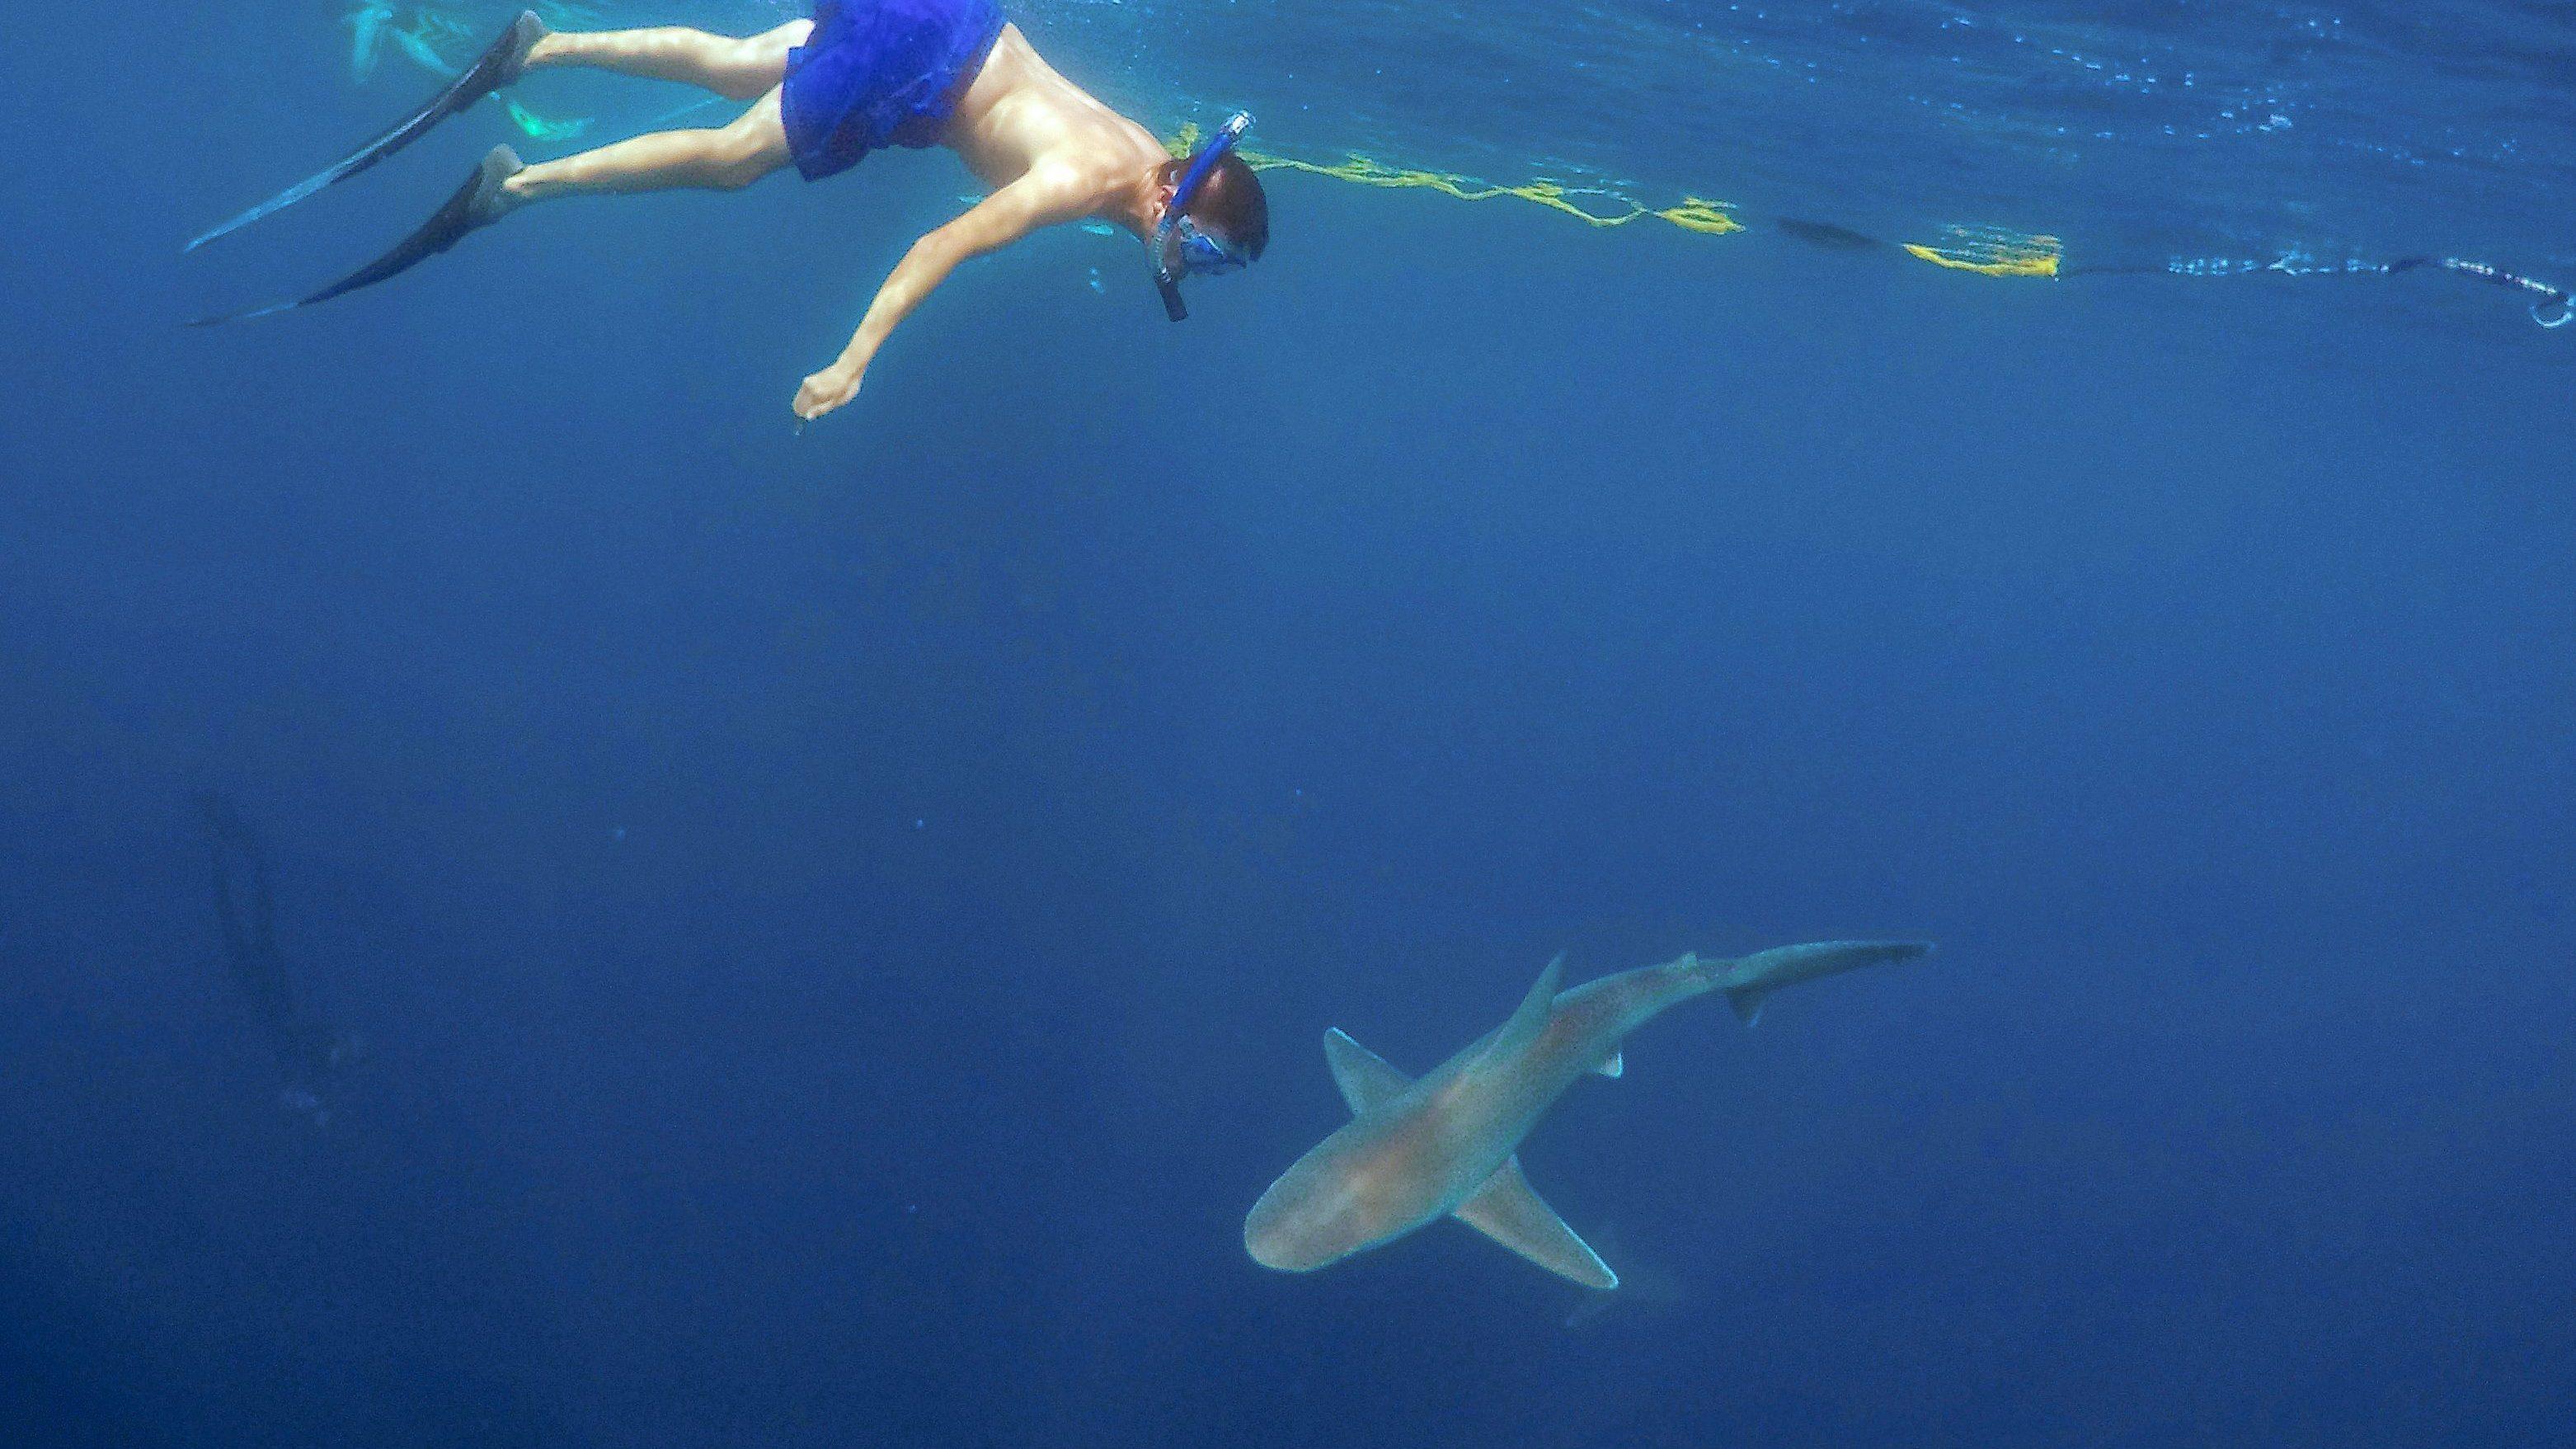 A man swimming above a shark.